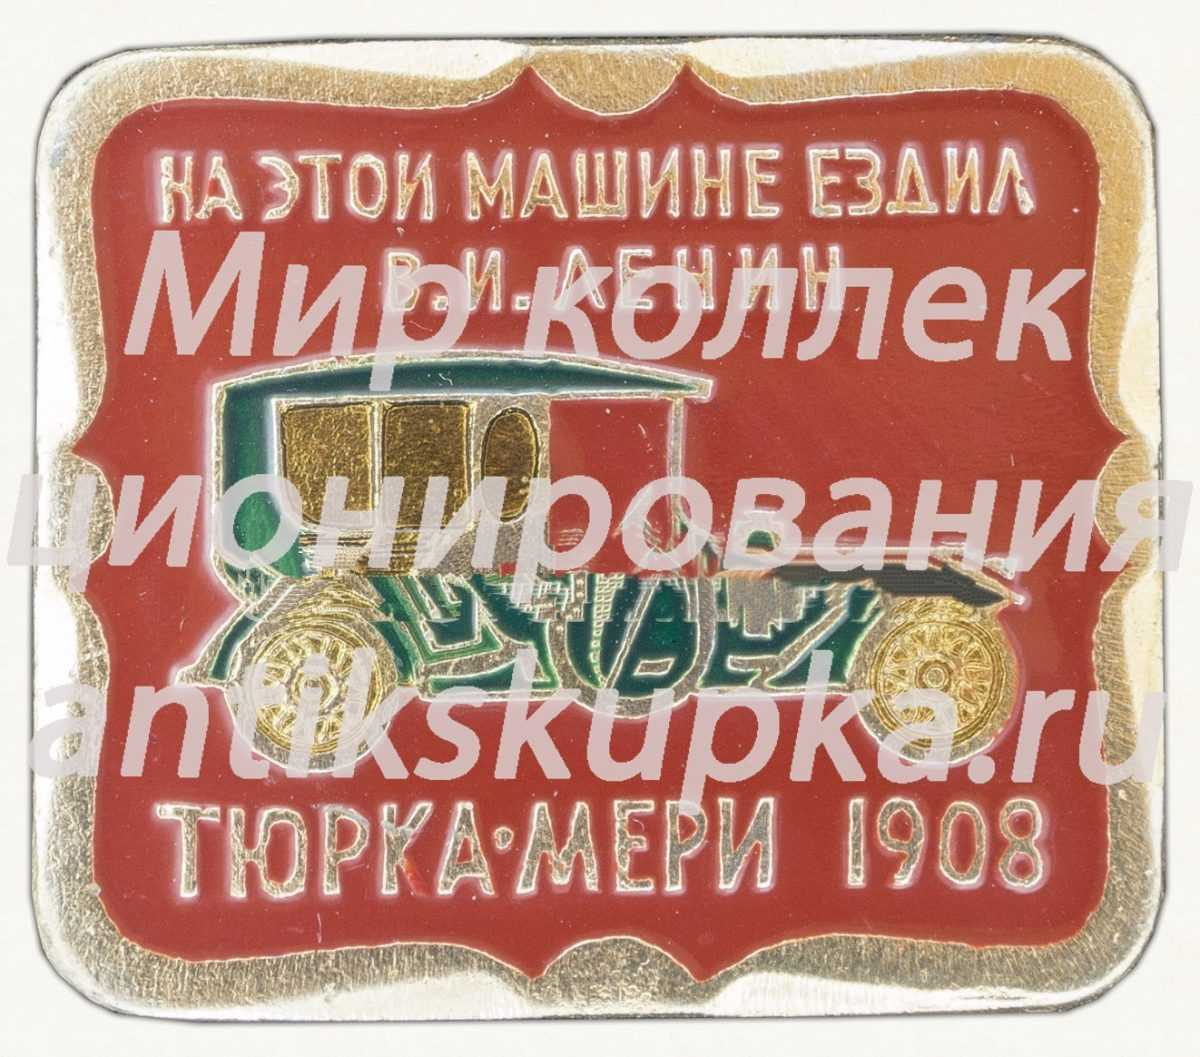 «Тюрка-Мери». 1908. На этой машине ездил В.И. Ленин. Серия знаков «Автомобили в истории России»